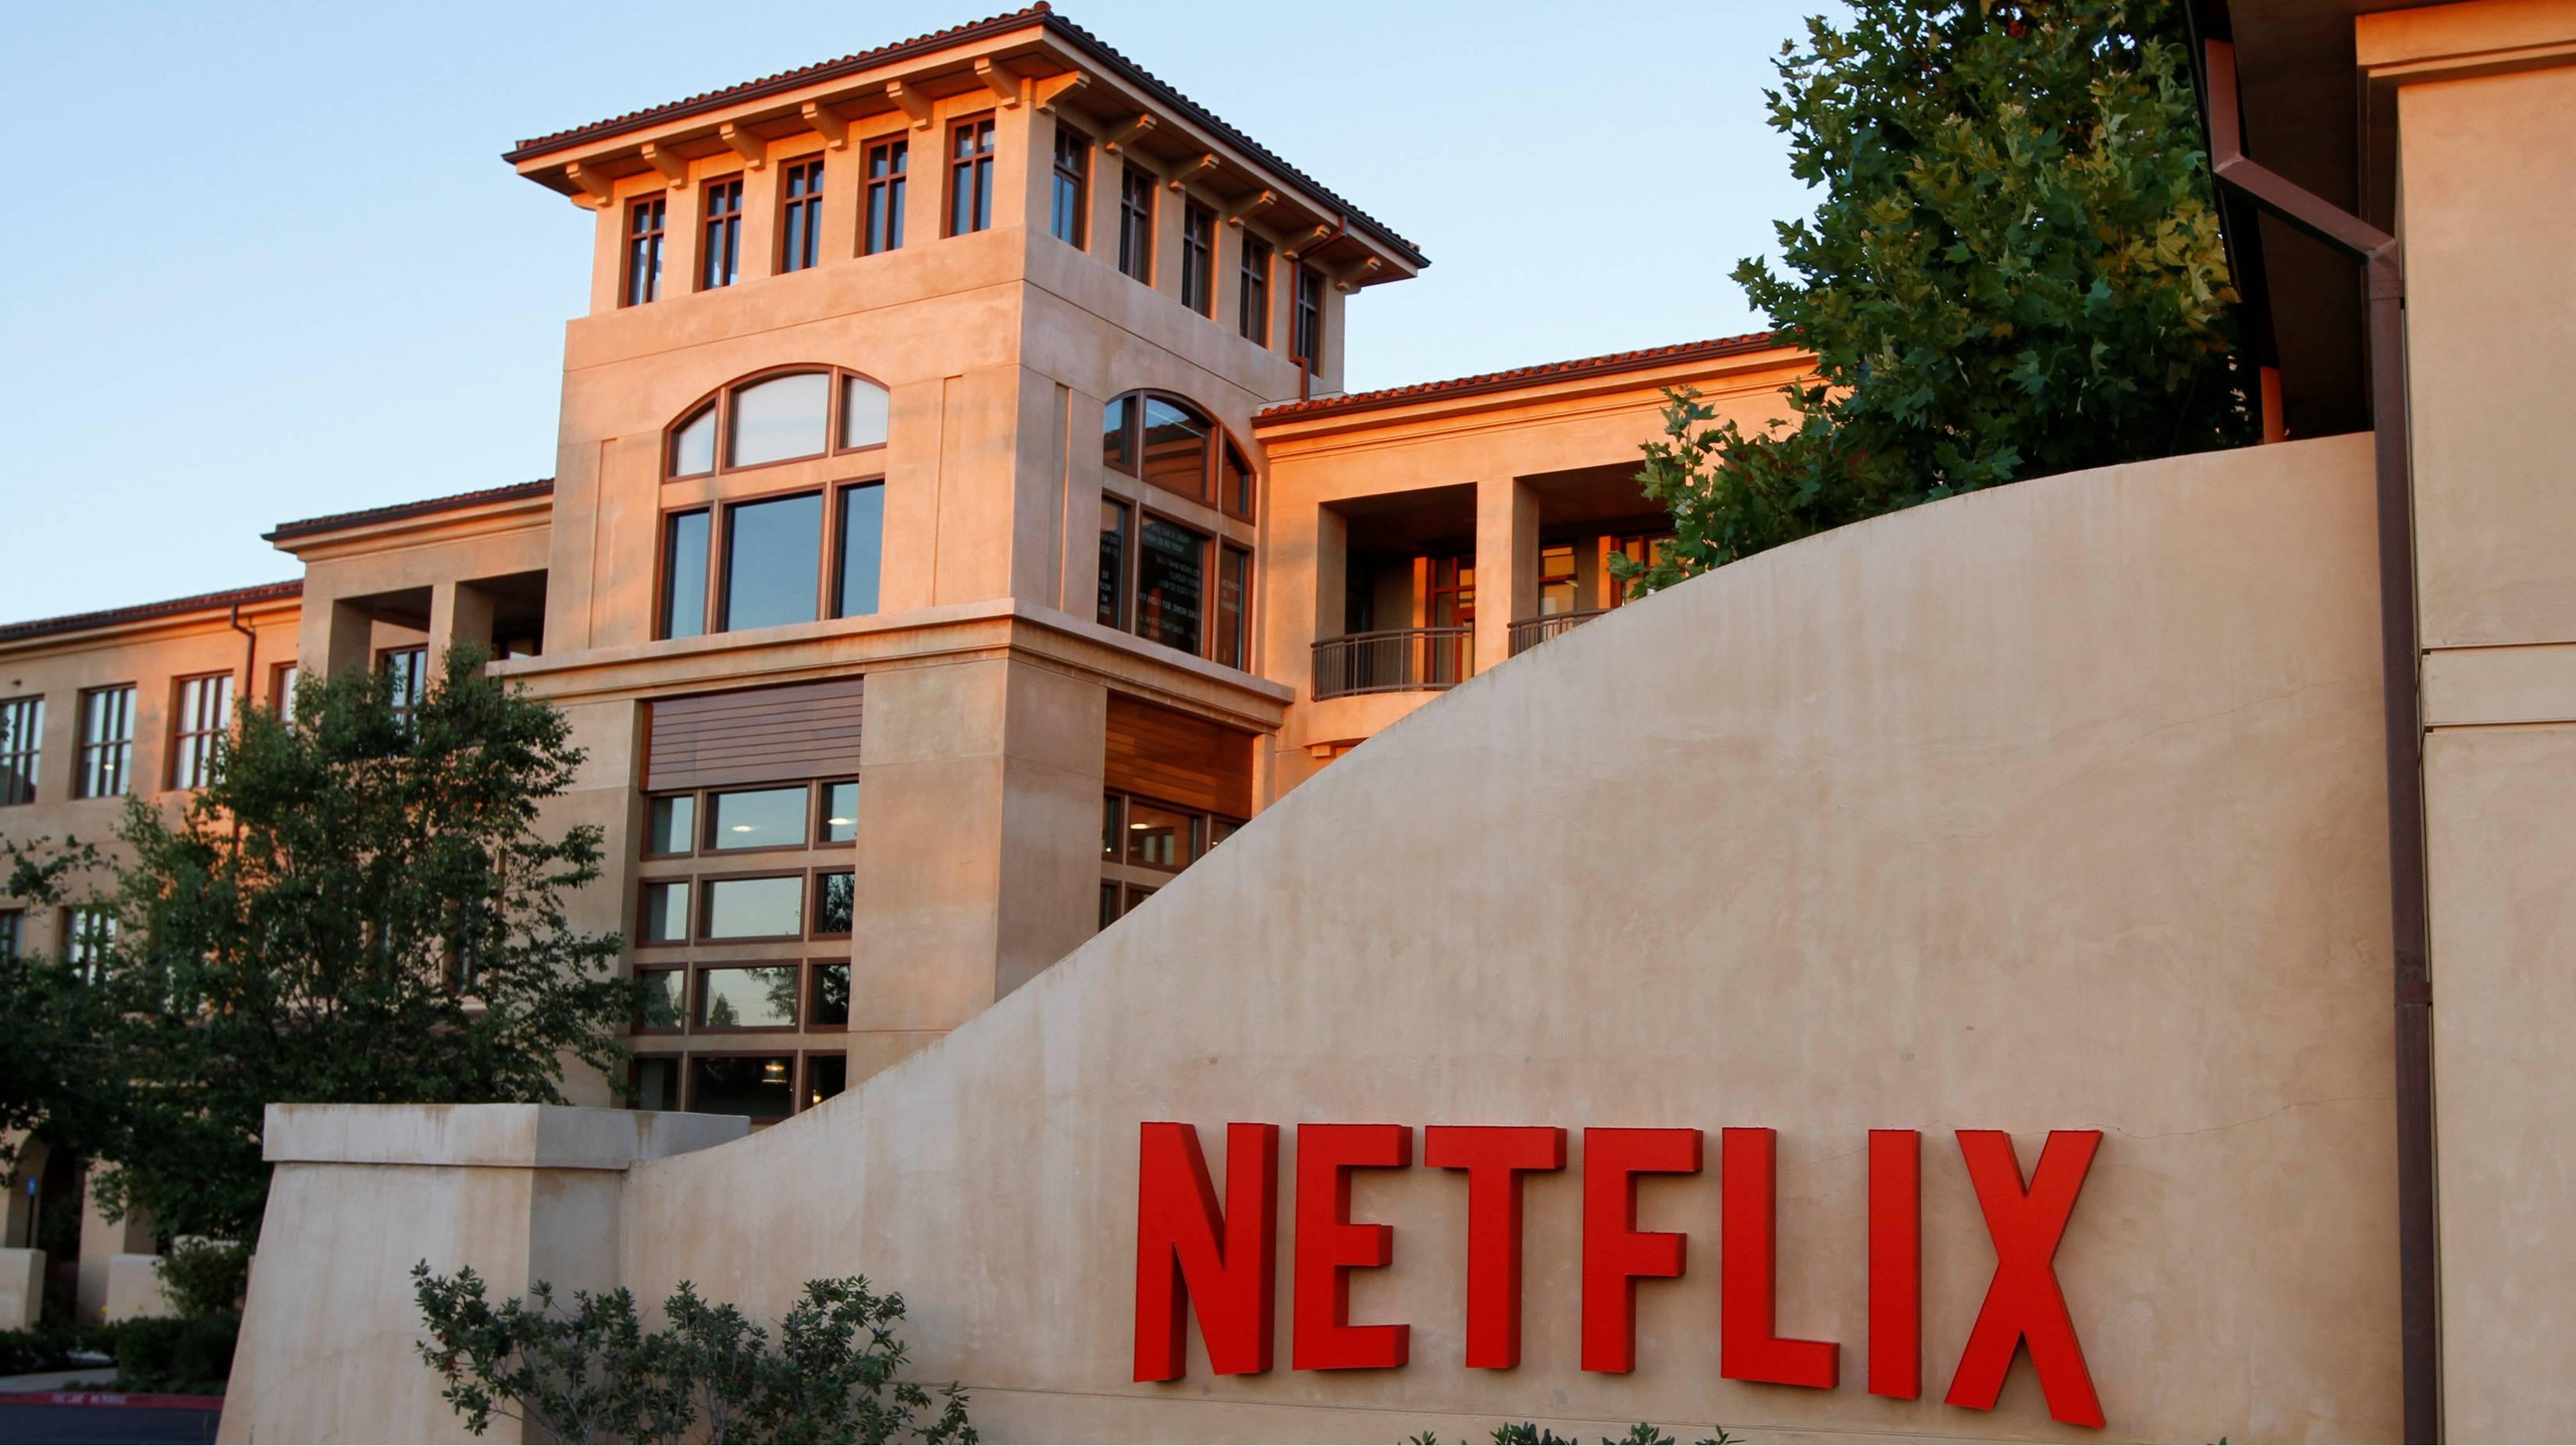 Sede central de Netflix en Los Gatos, California, donde la innovación empresarial se centra en el streaming